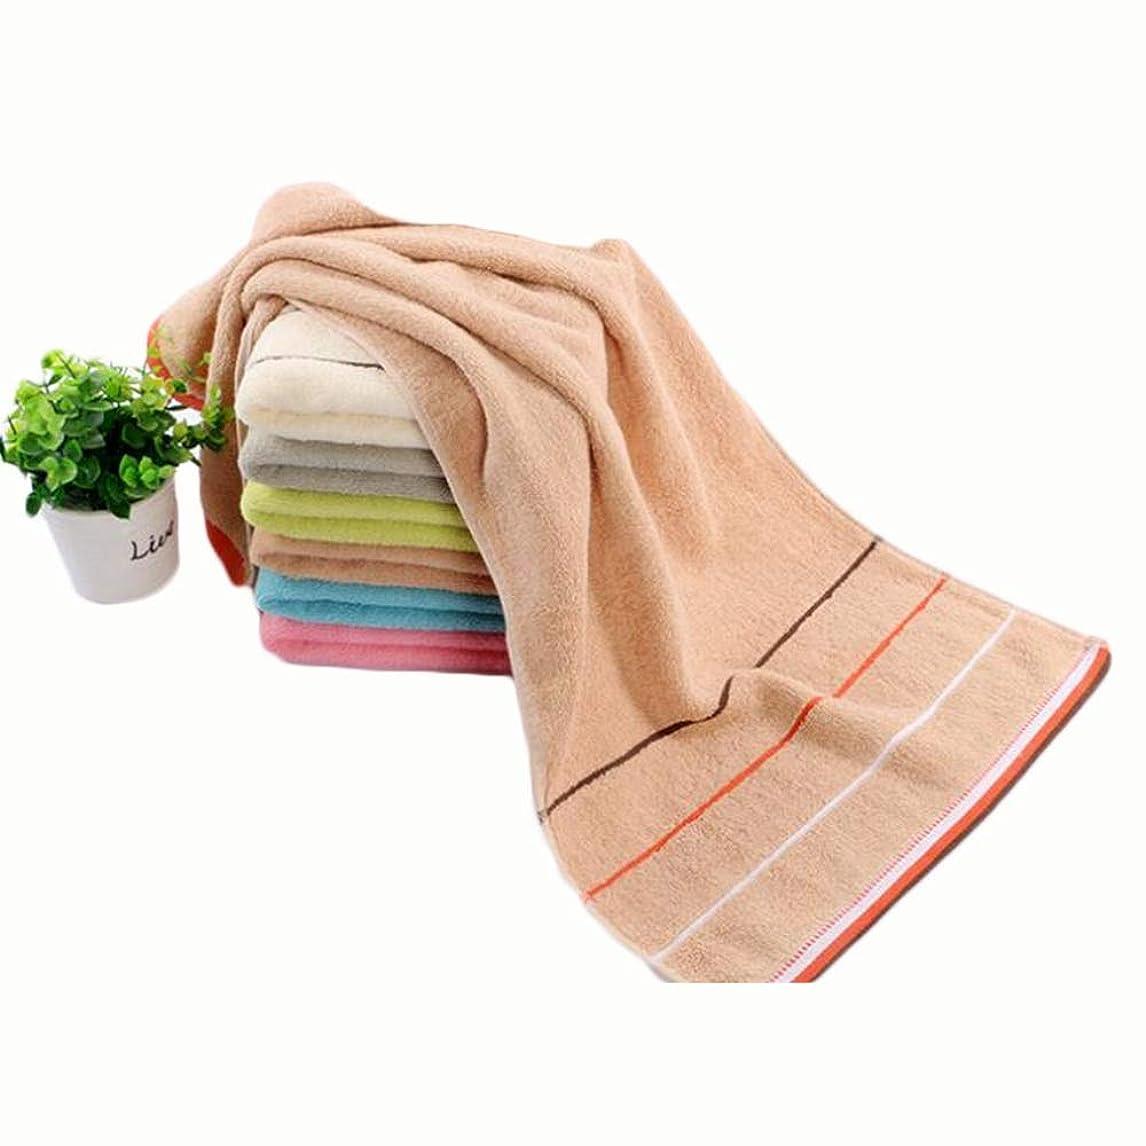 対処する恐れる時期尚早CXUNKK 2PCS / LOT家庭用綿厚吸収性洗顔タオルジャカードタオル (Color : 02)